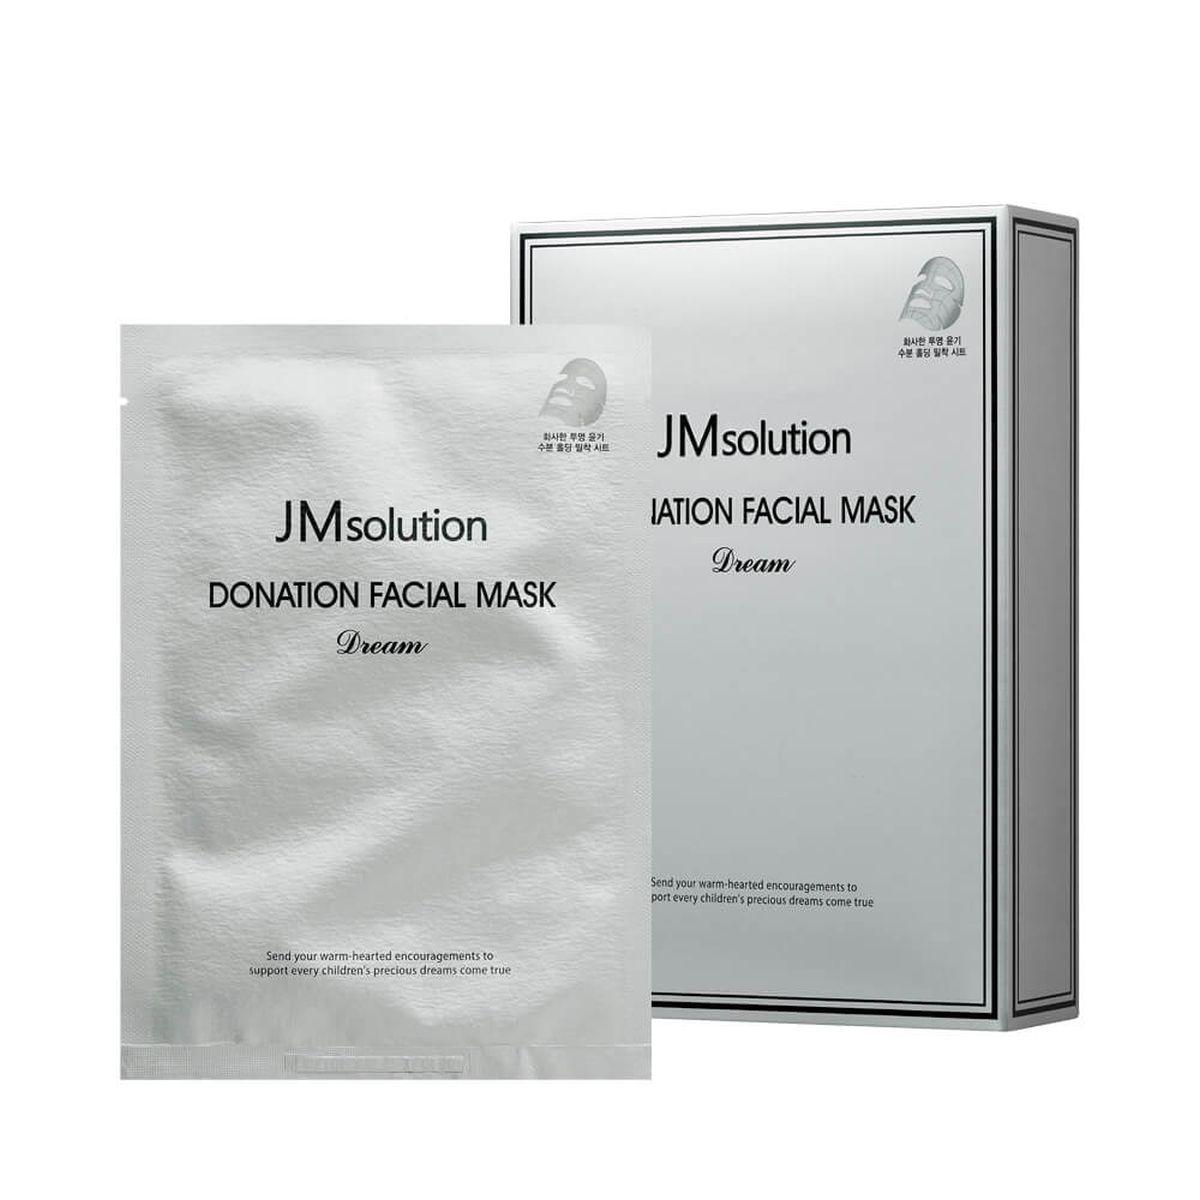 Осветляющая тканевая маска с пептидами JMsolution Donation Facial Mask Dream - 37 гр